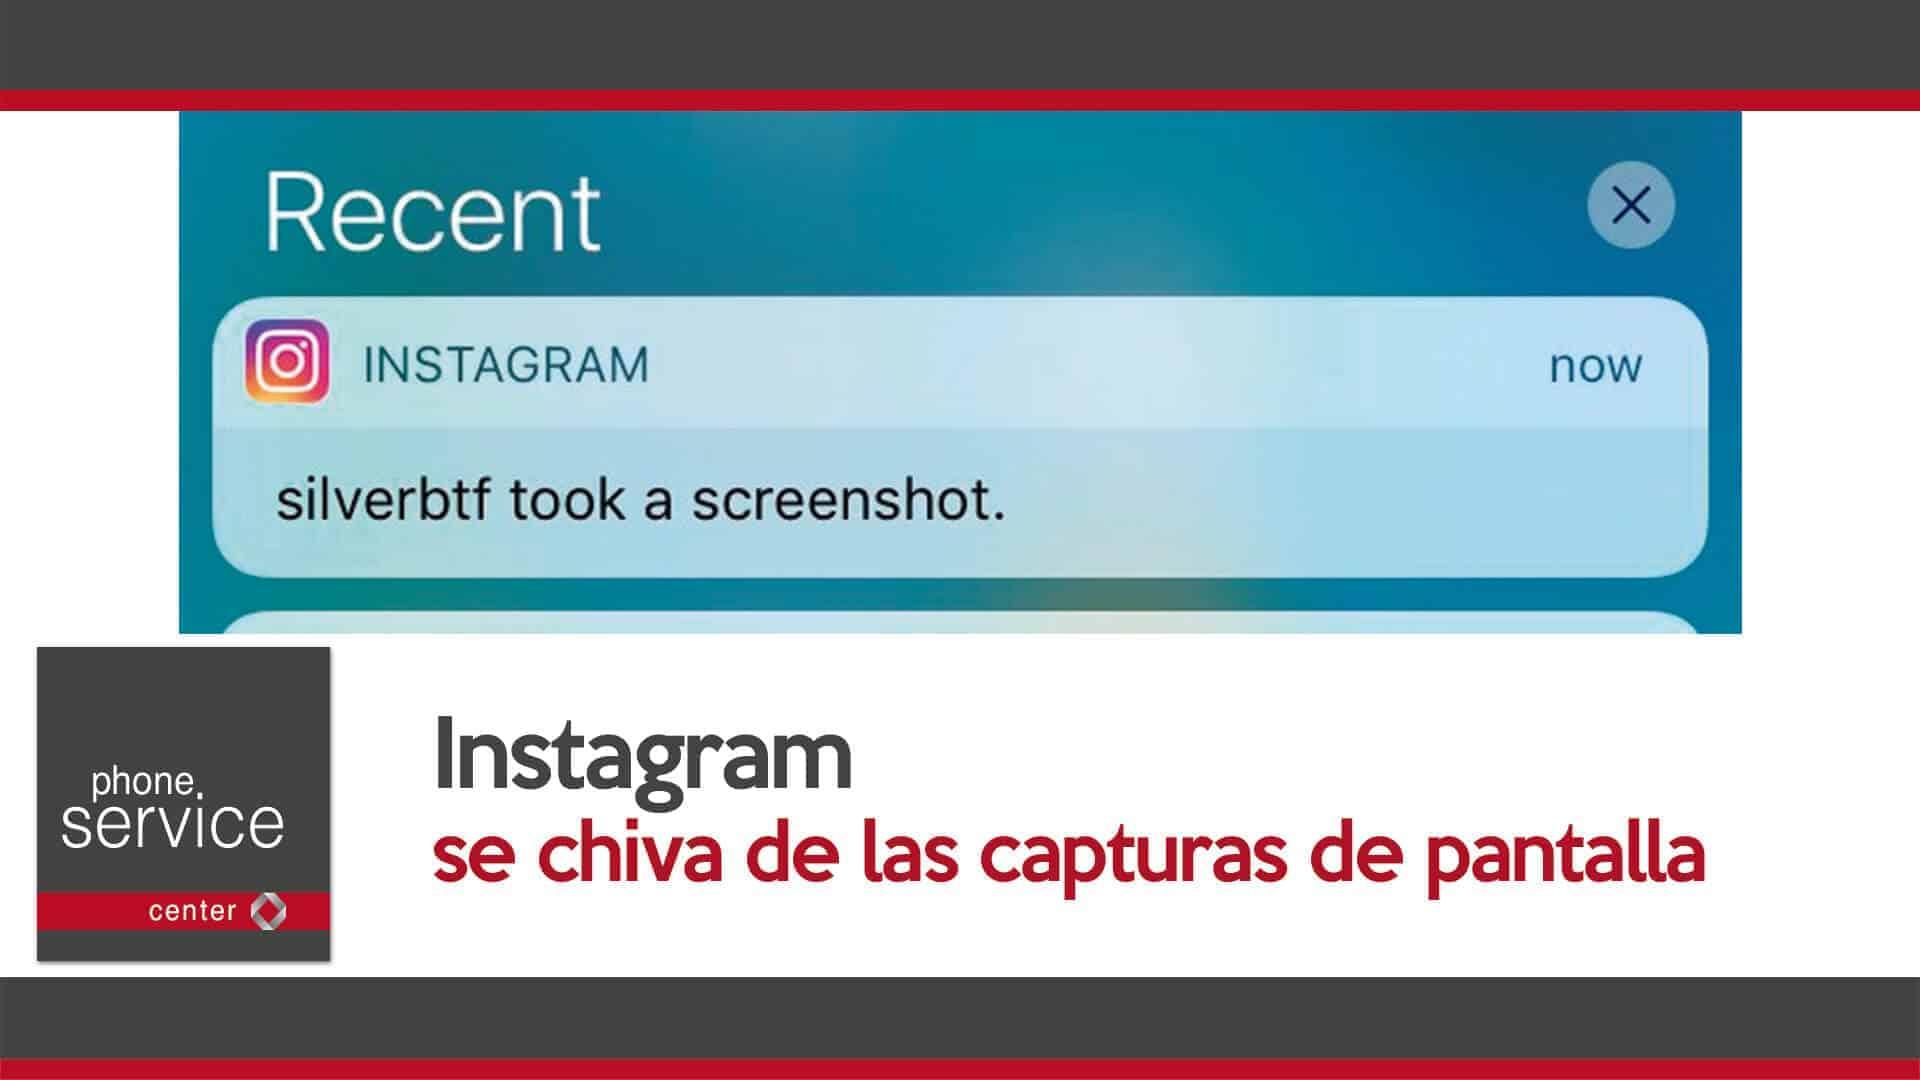 Instagram se chiva de las capturas de pantalla